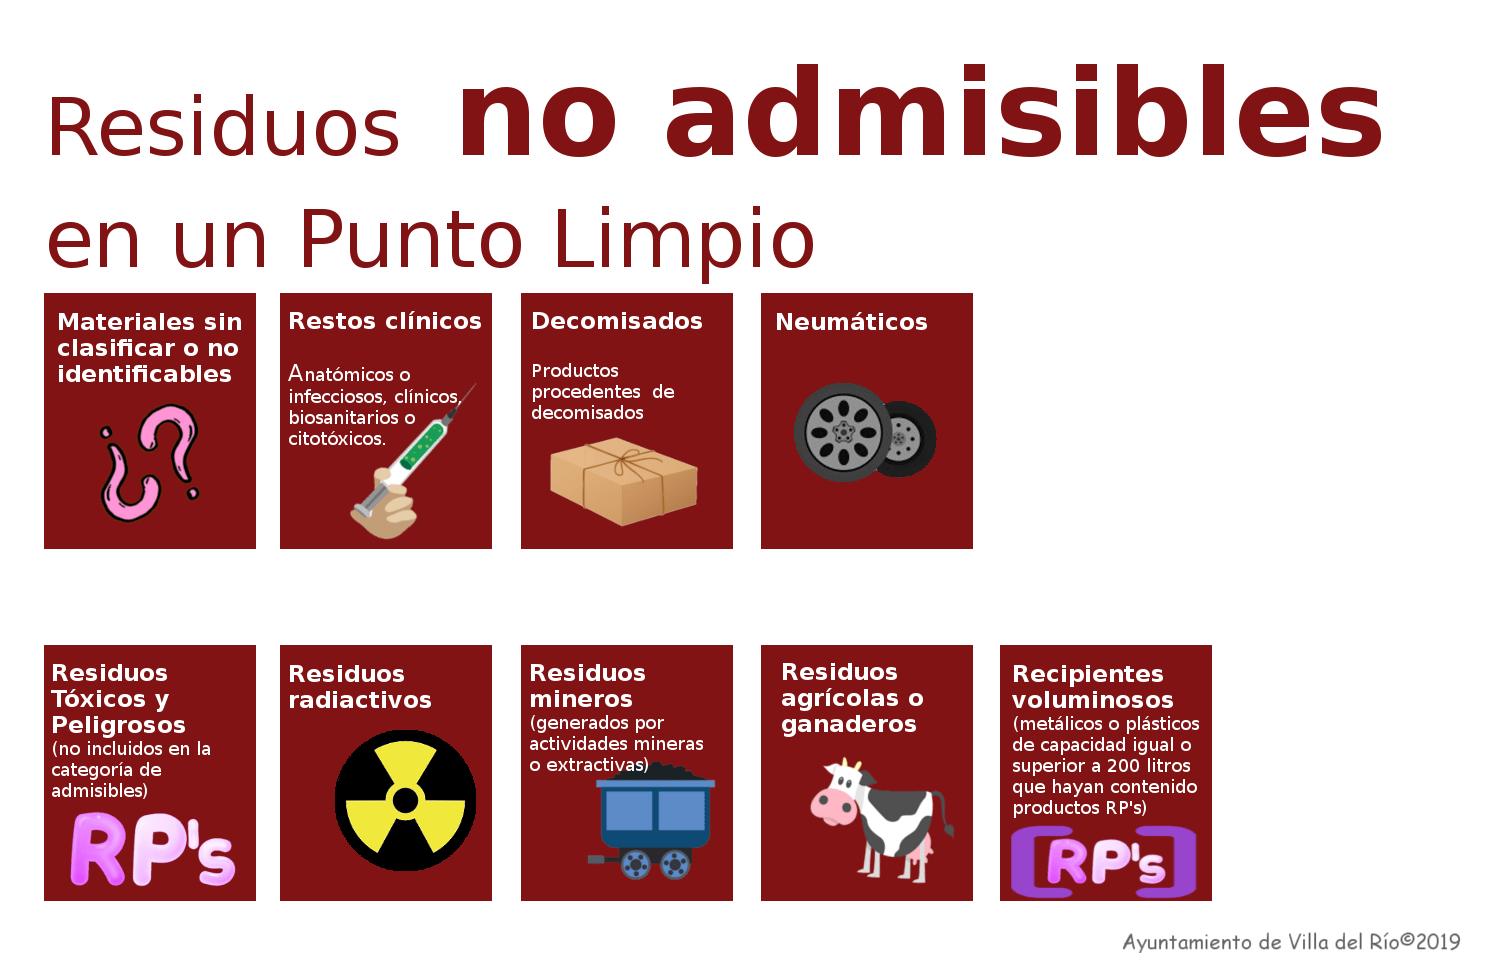 Residuos NO admisibles en nuestro Punto Limpio